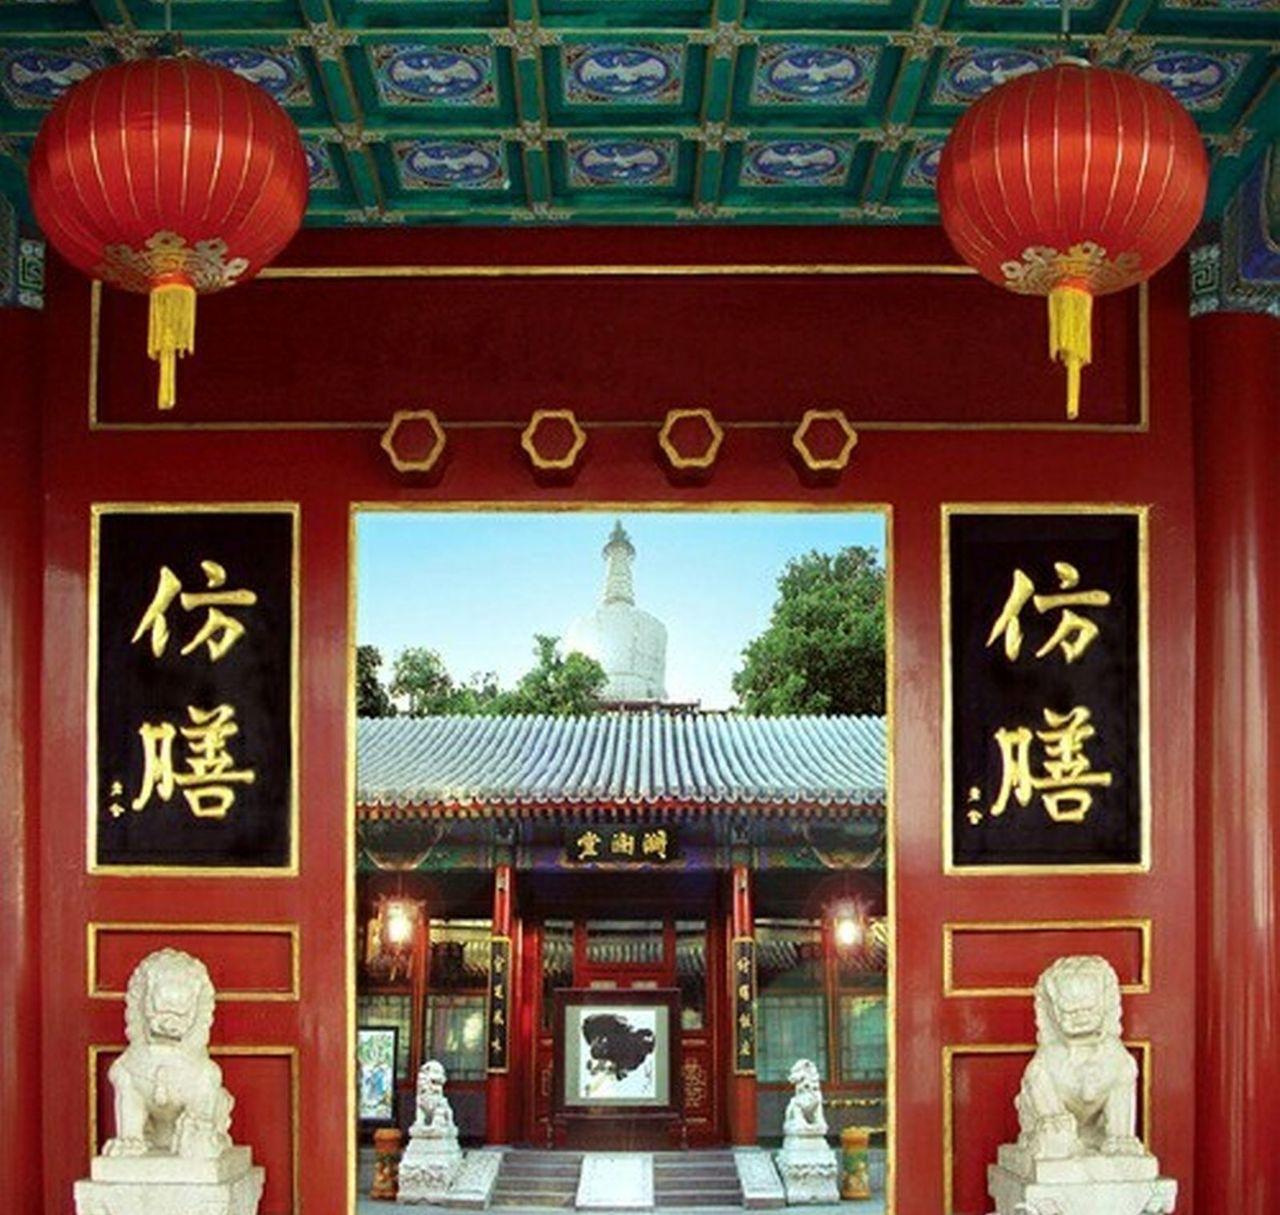 北海漪瀾堂古建築群自1959年開始被仿膳飯莊占用。(取材自微博)